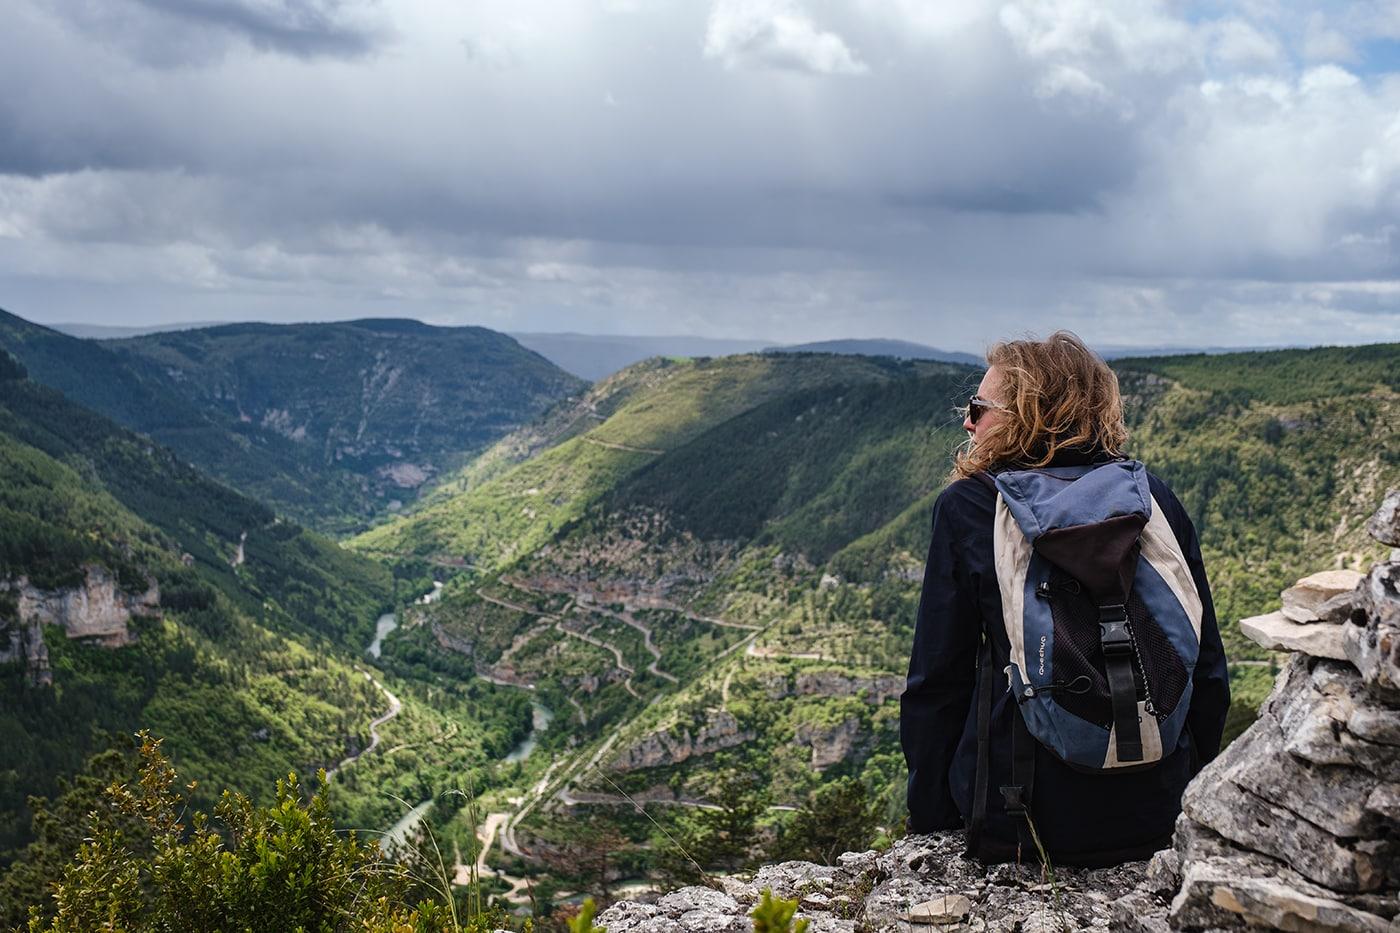 Vue des gorges du Tarn depuis le causse de Sauveterre